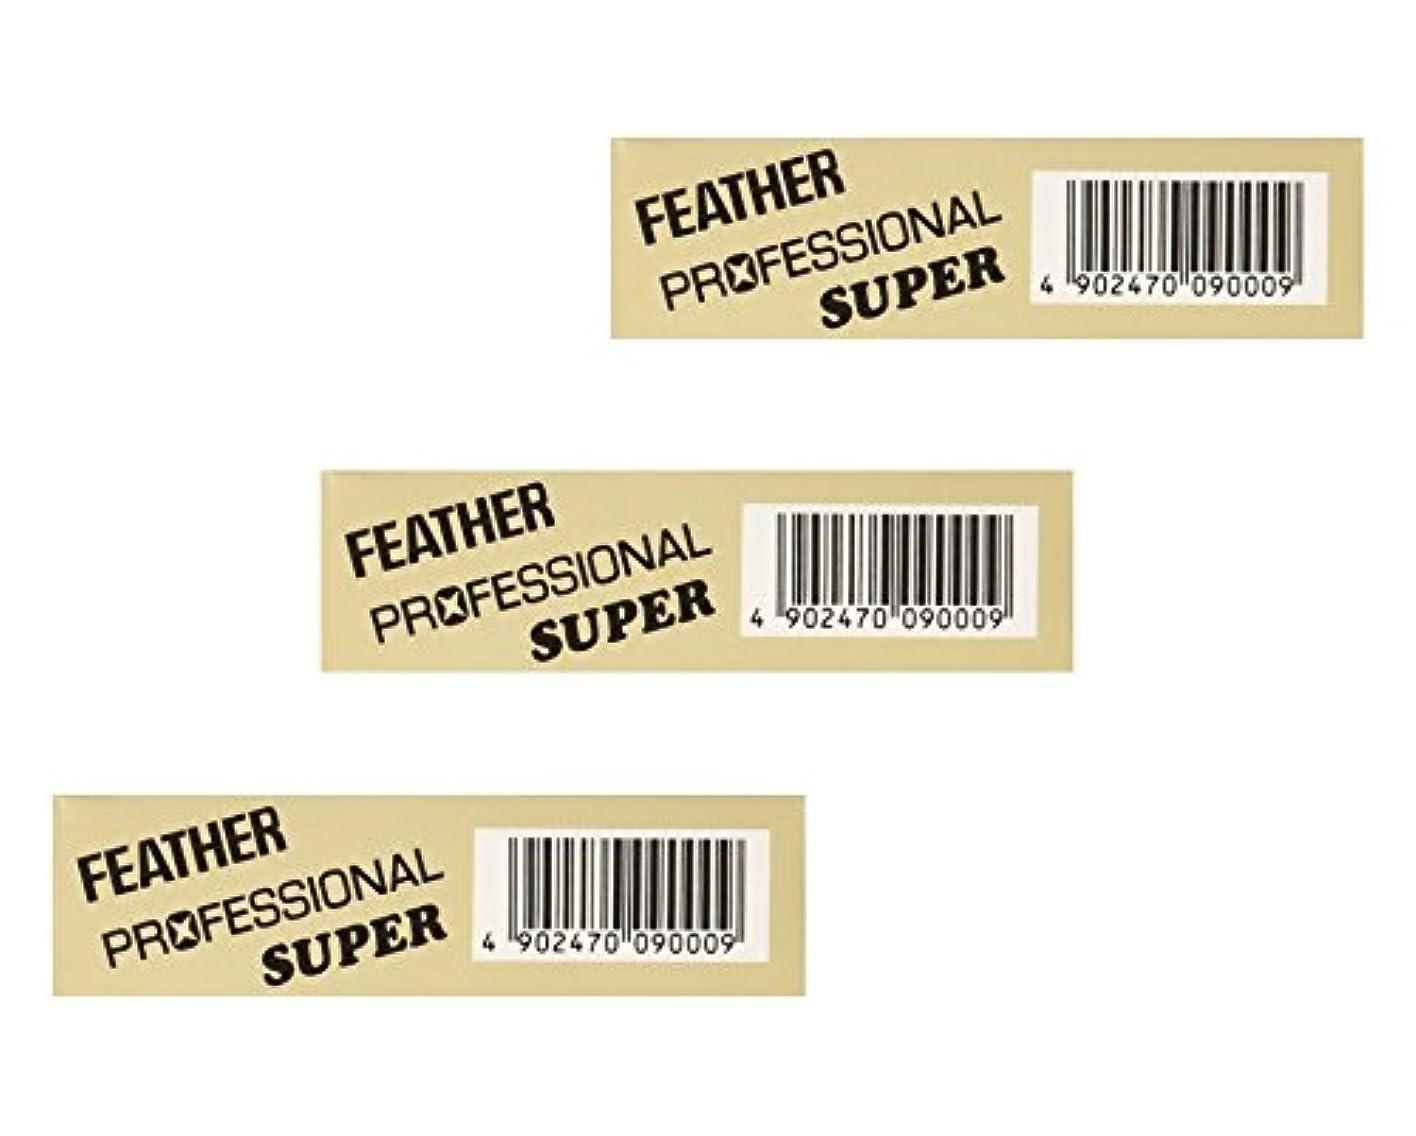 判定スクリュー適用済み【3個セット】フェザー プロフェッショナル スーパーブレード 20枚入 PS-20